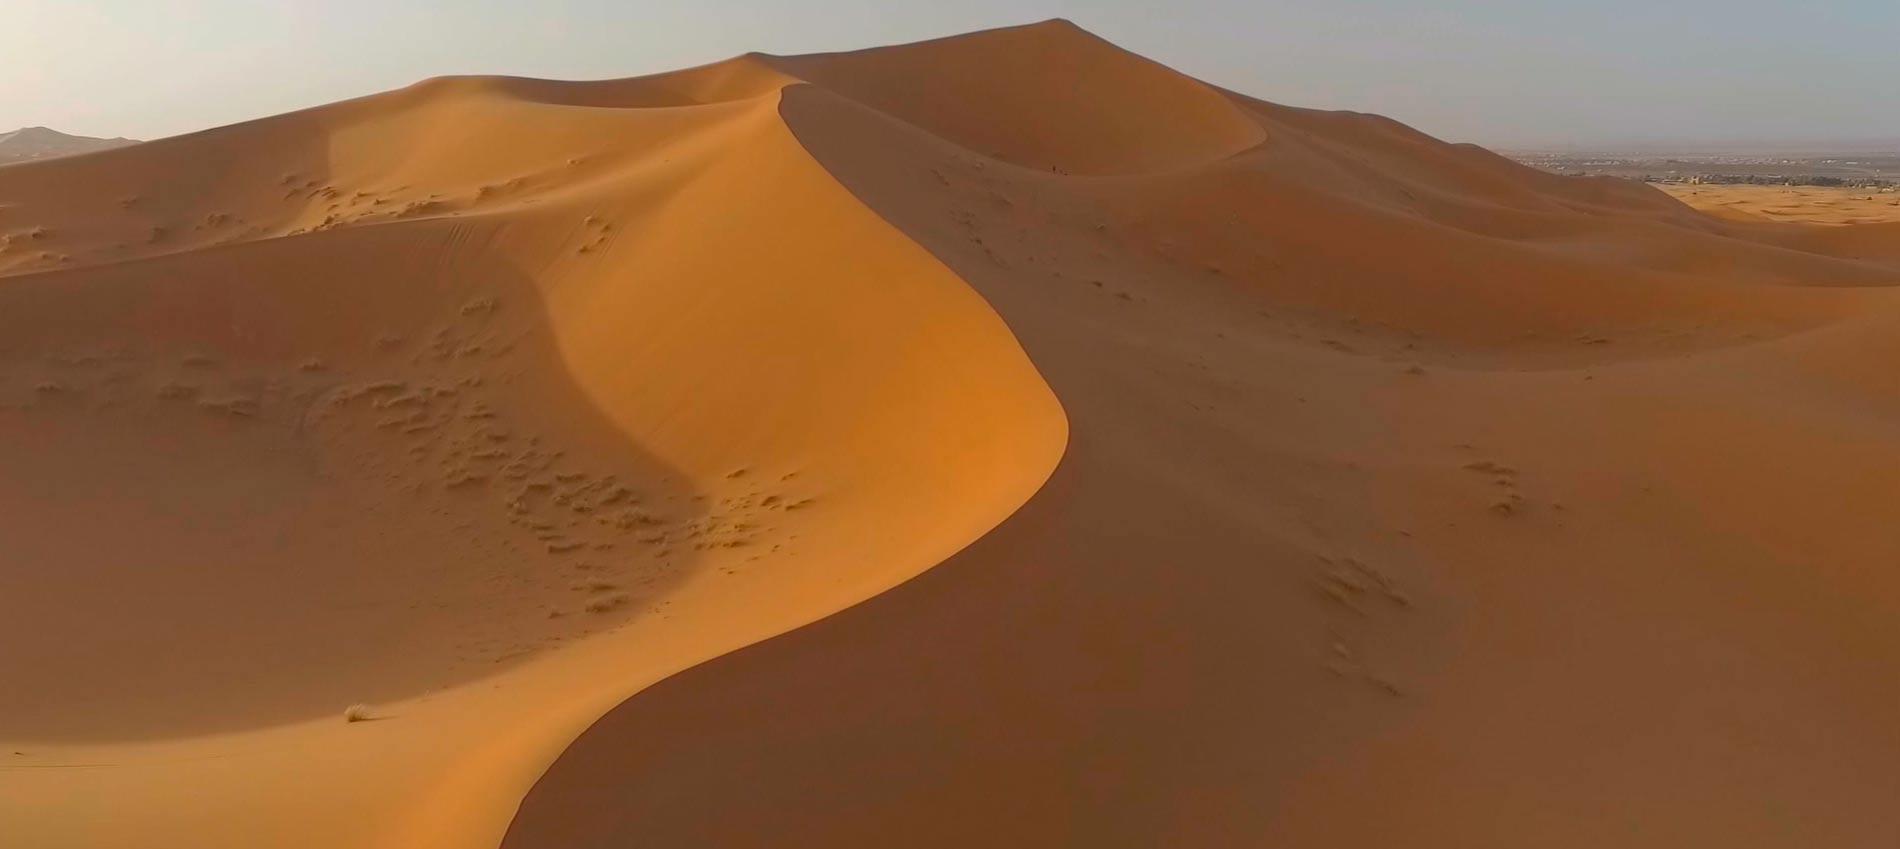 Dunas desierto sahara